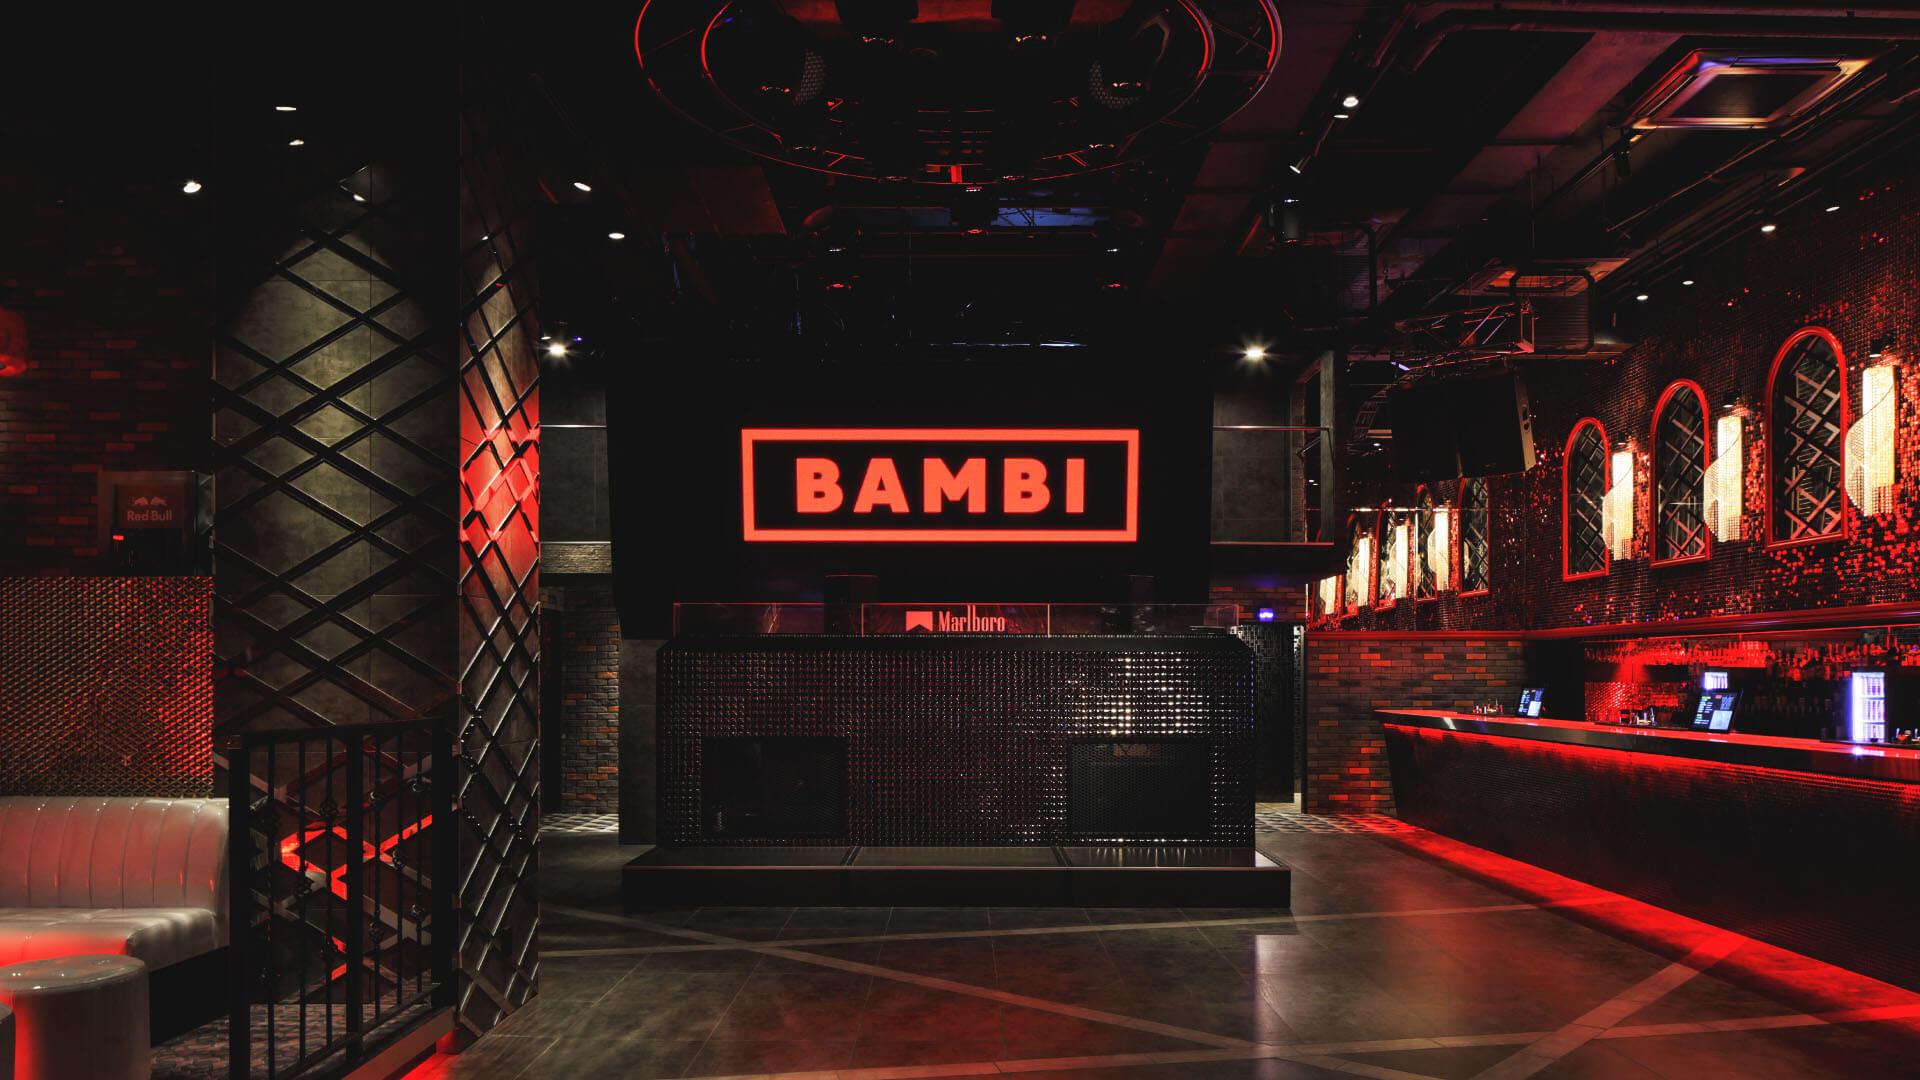 Club bumbi